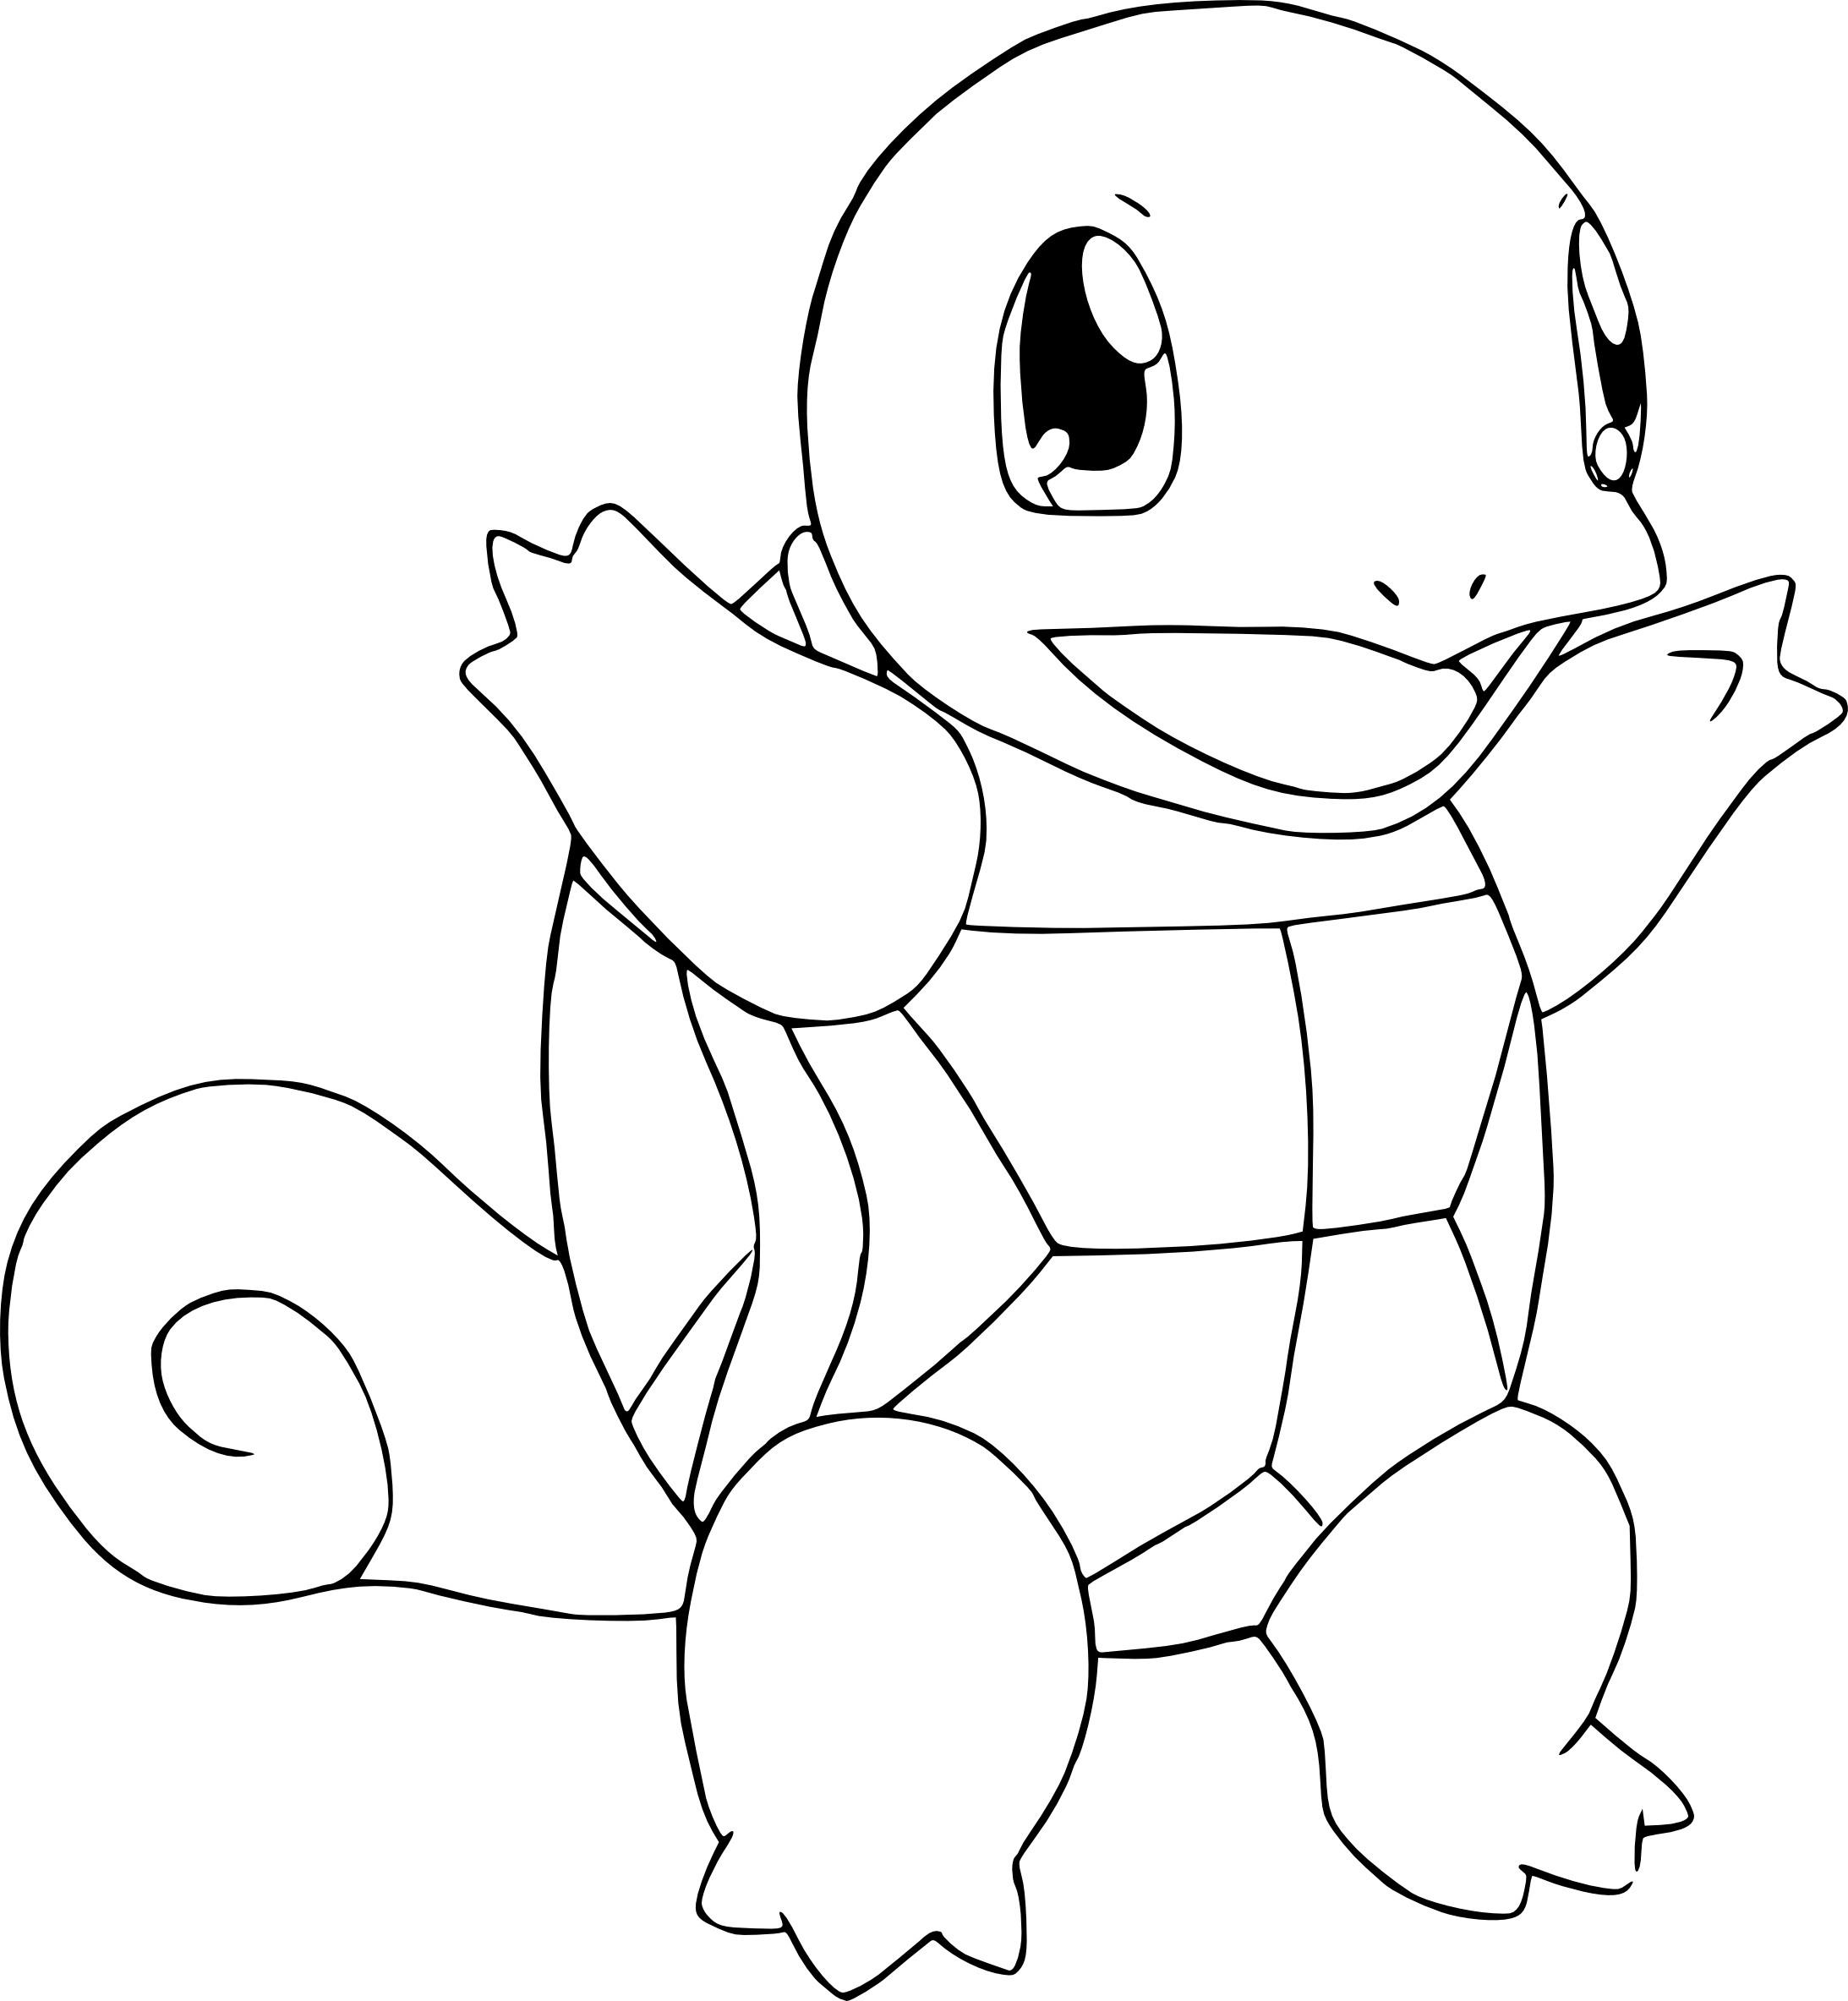 Coloriage Carapuce Pokemon À Imprimer avec Coloriage Pokemon A Imprimer